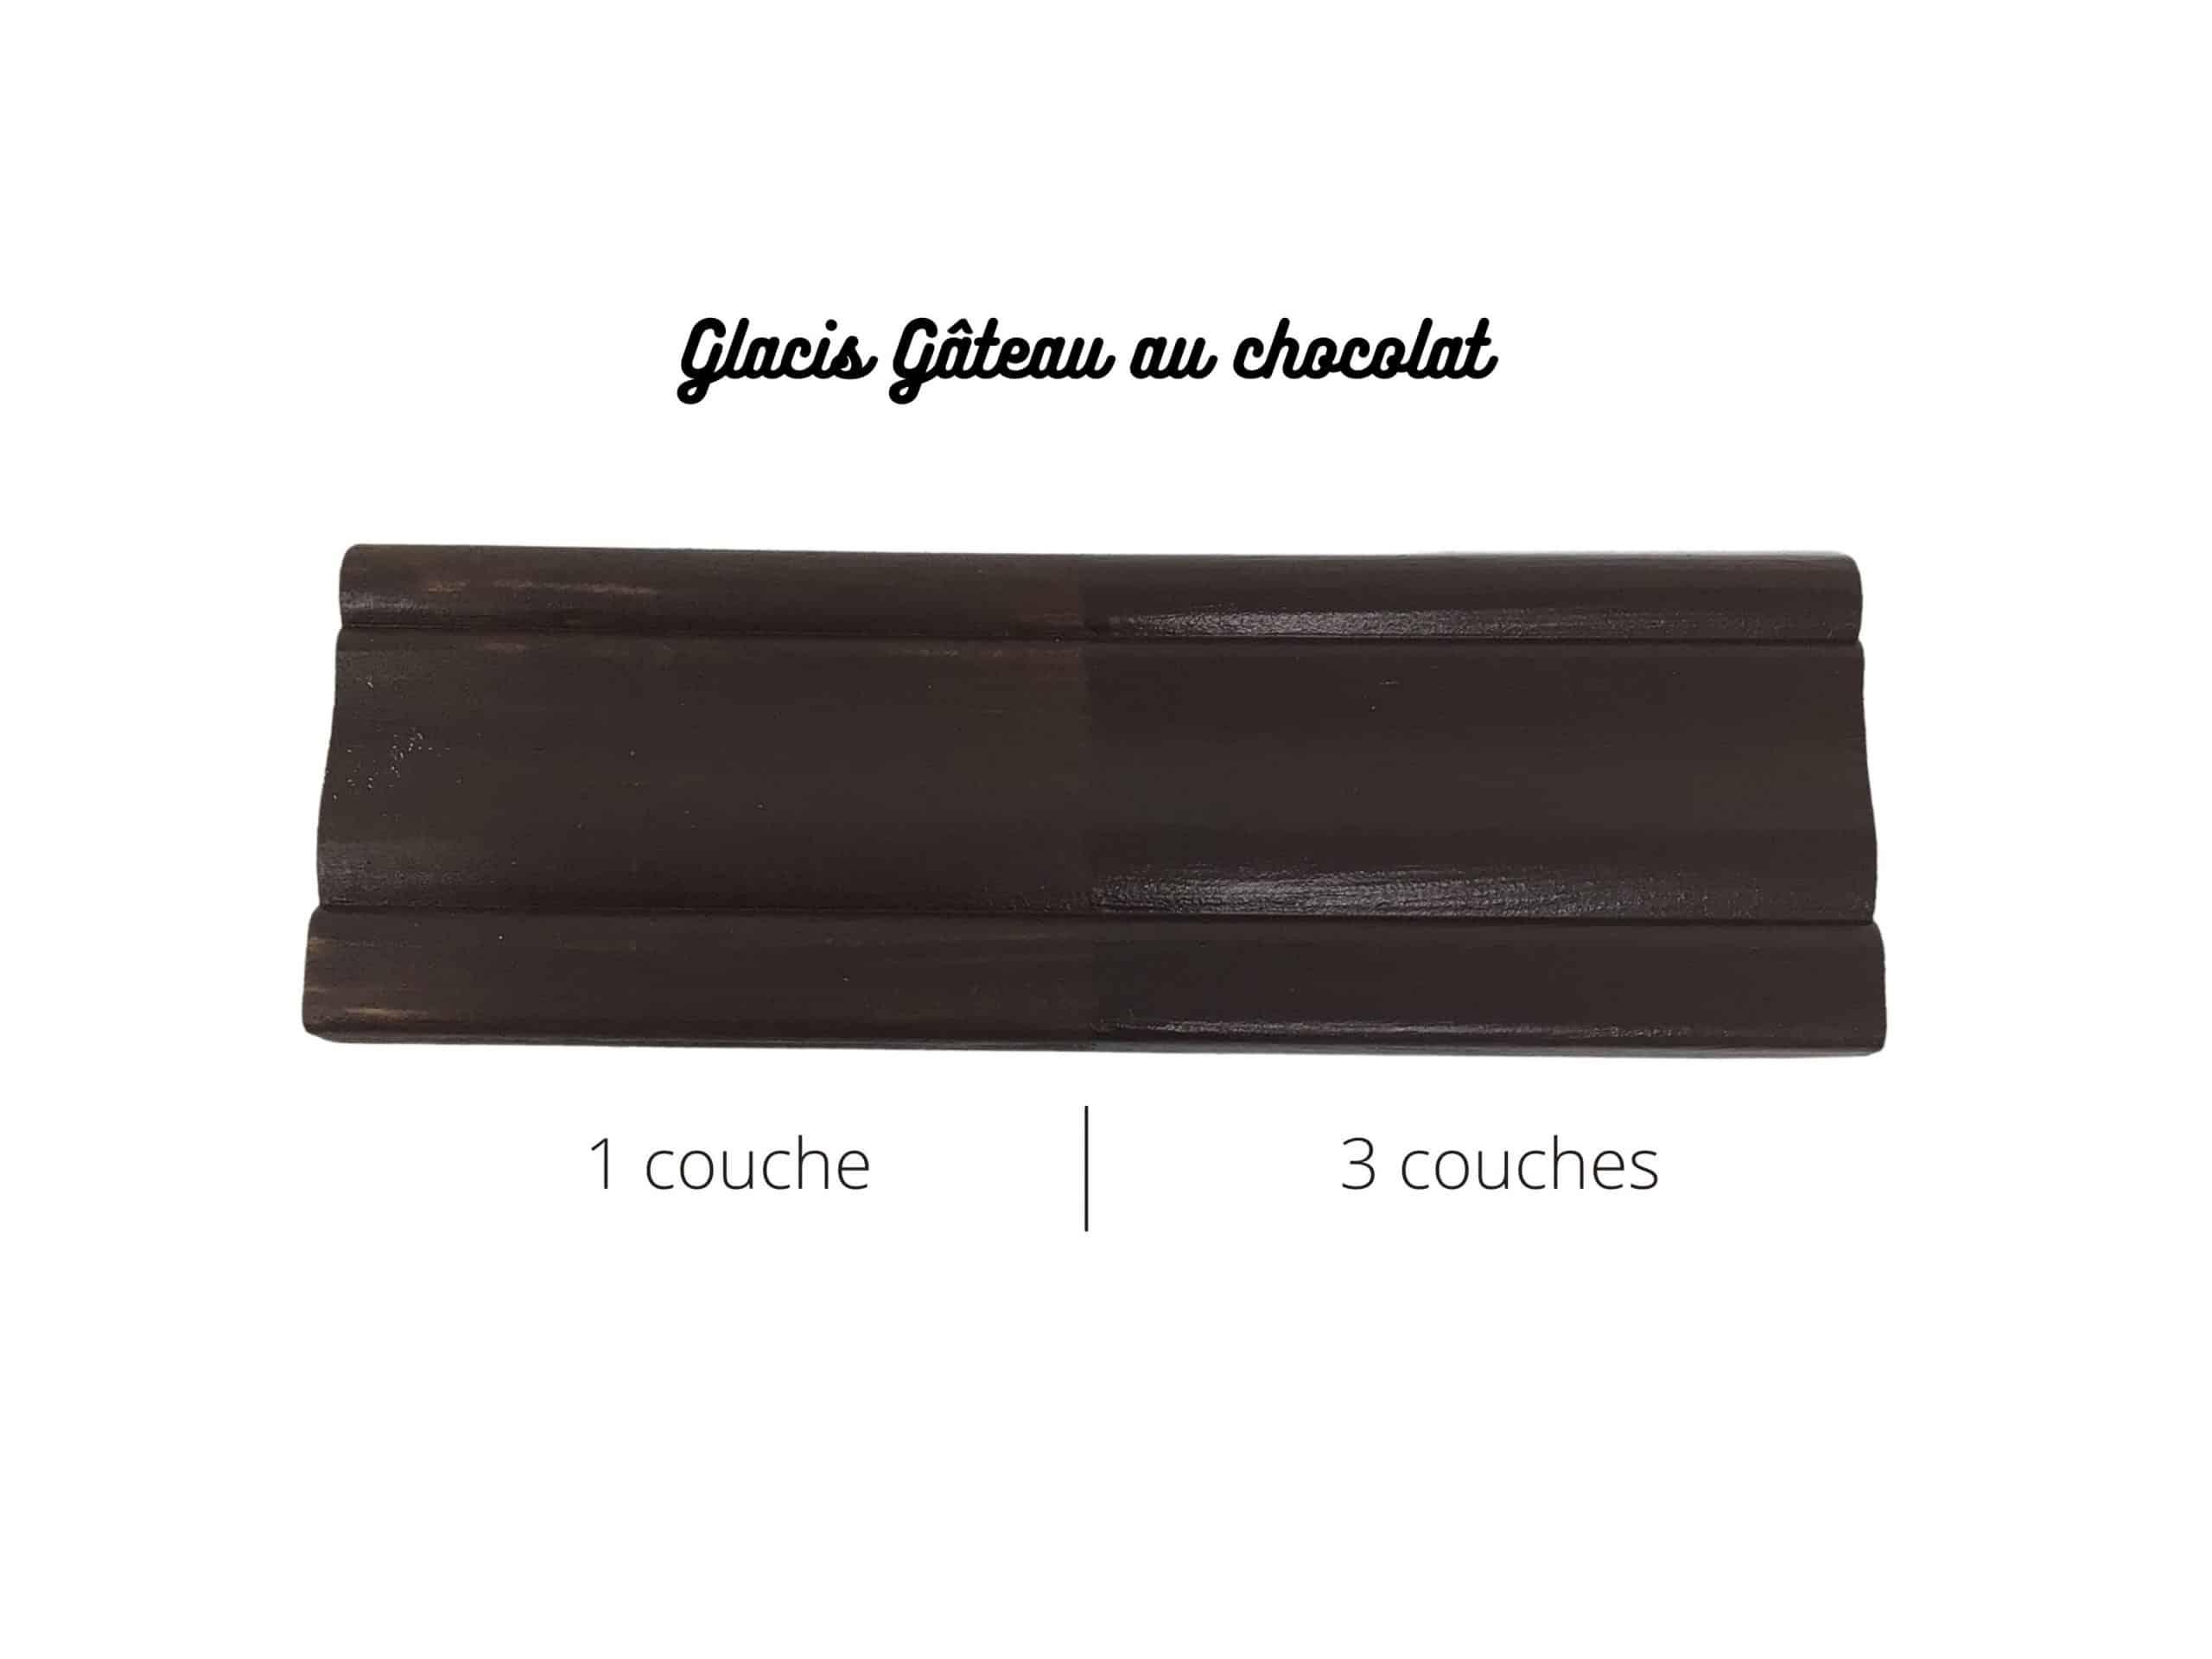 Chocolate Cake glaze